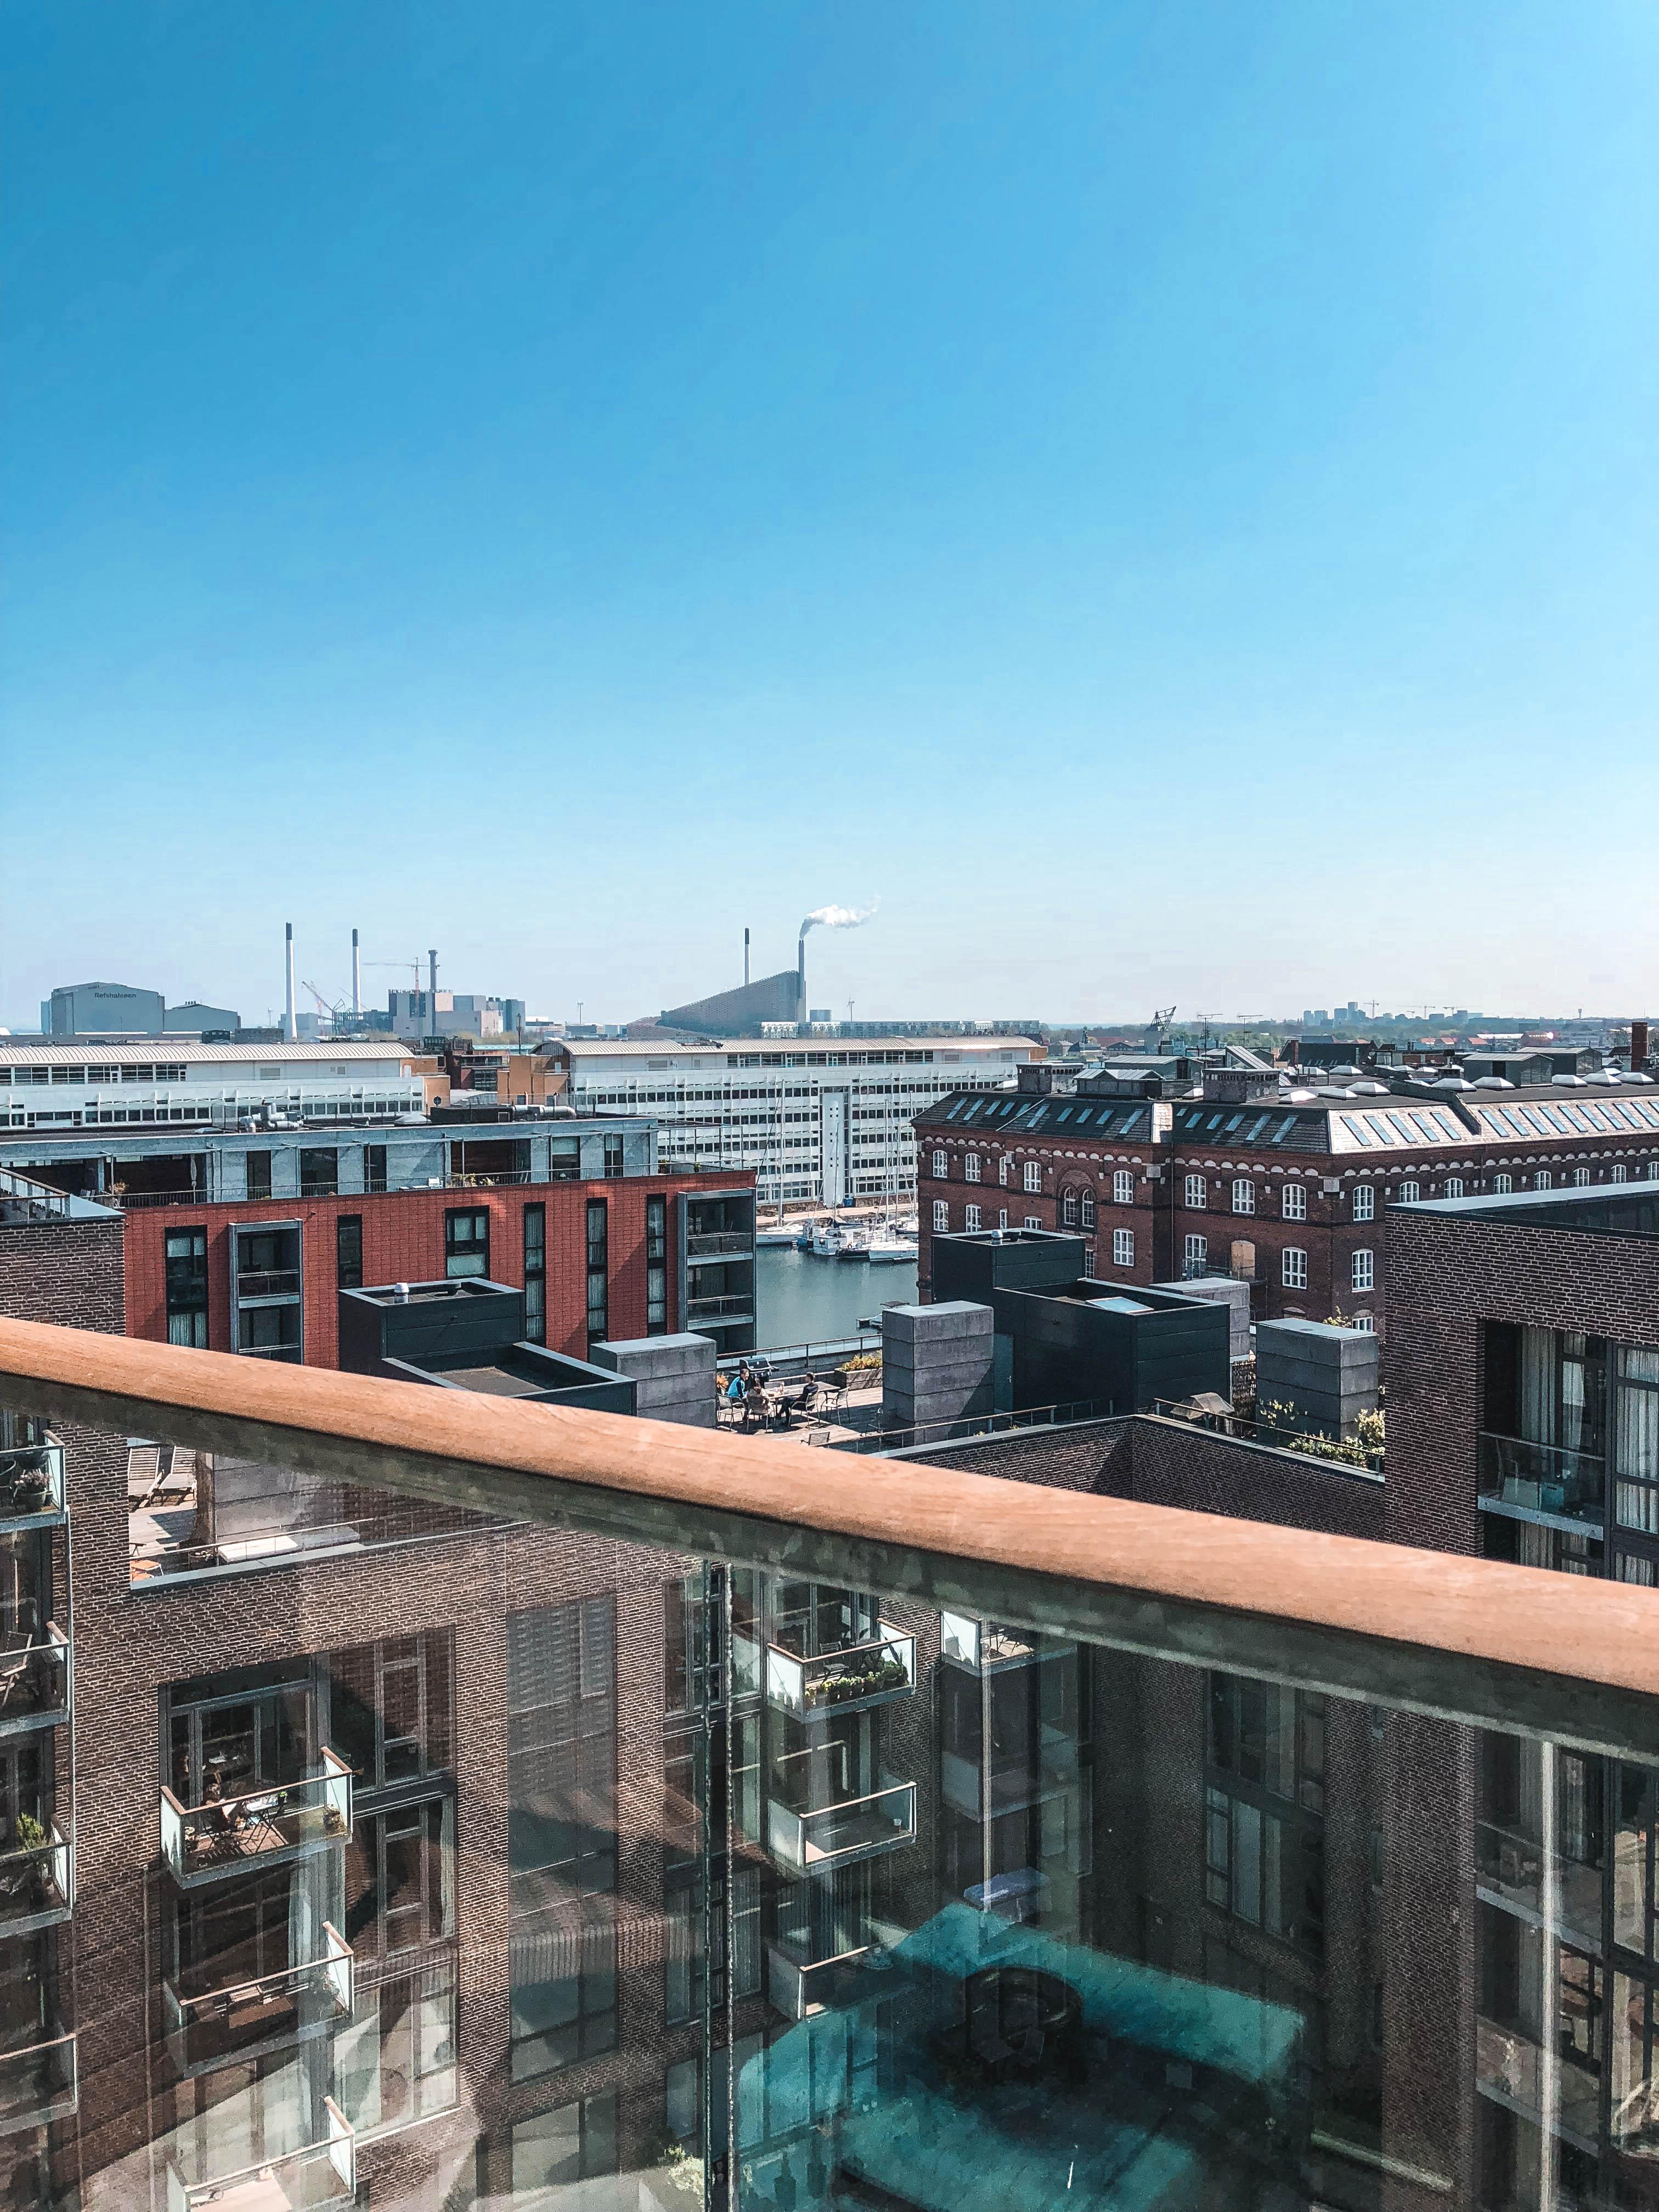 Kopenhagen - Adina Apartment Hotel - KIM ENGEL